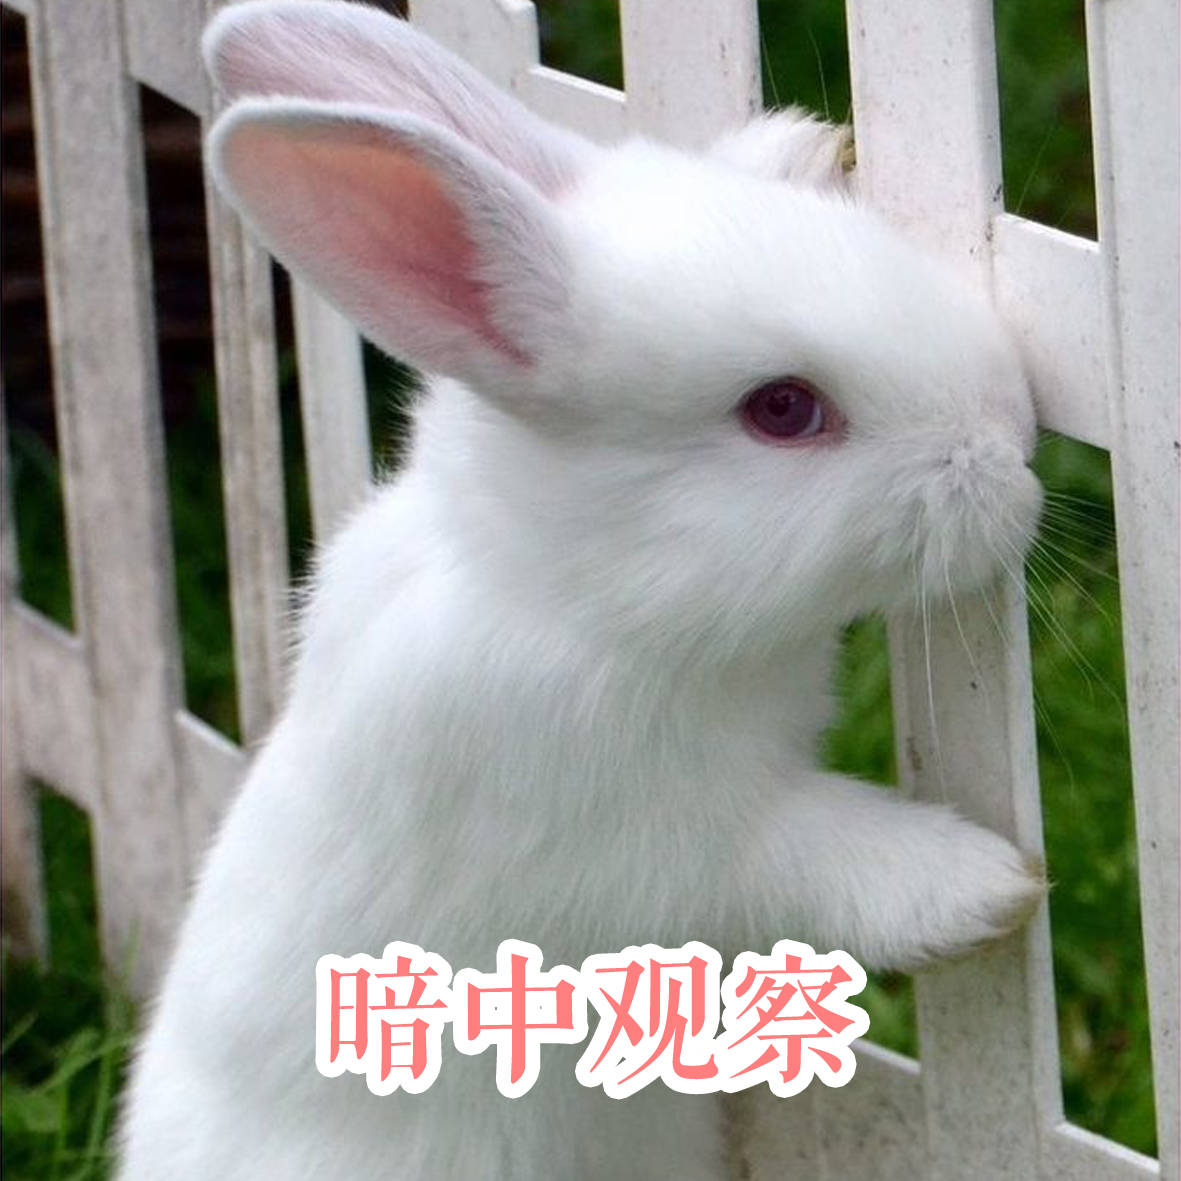 兔子壁纸狗狗狗心得1181_1181放生鸽子动物图片